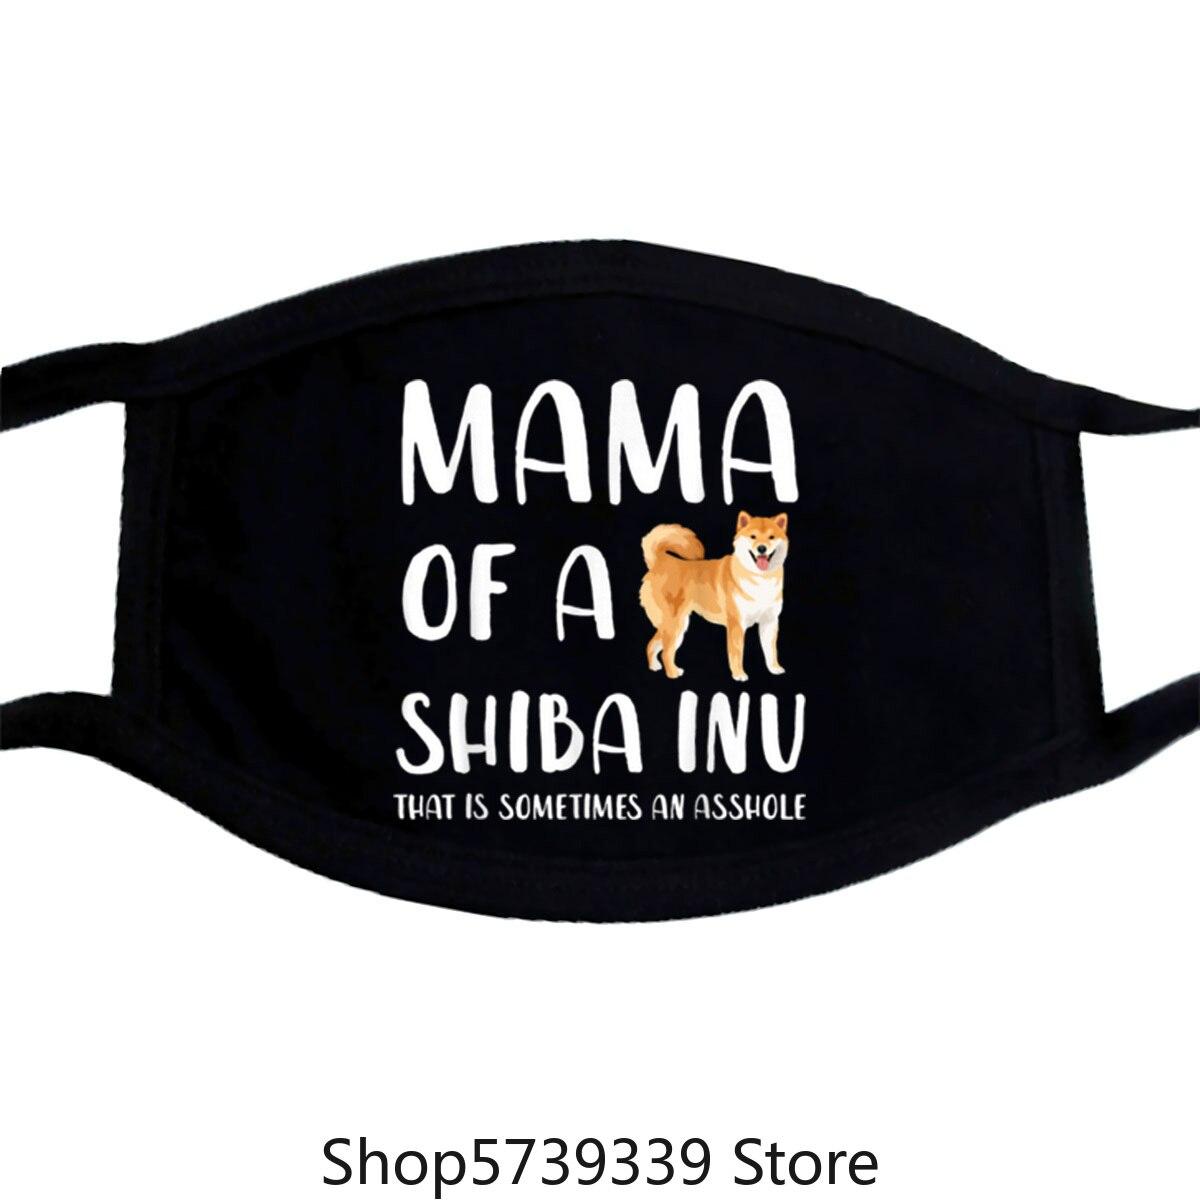 Awesome Mama Of A Shiba Inu That Is Sometimes An Asshole Shiba Mom Mask